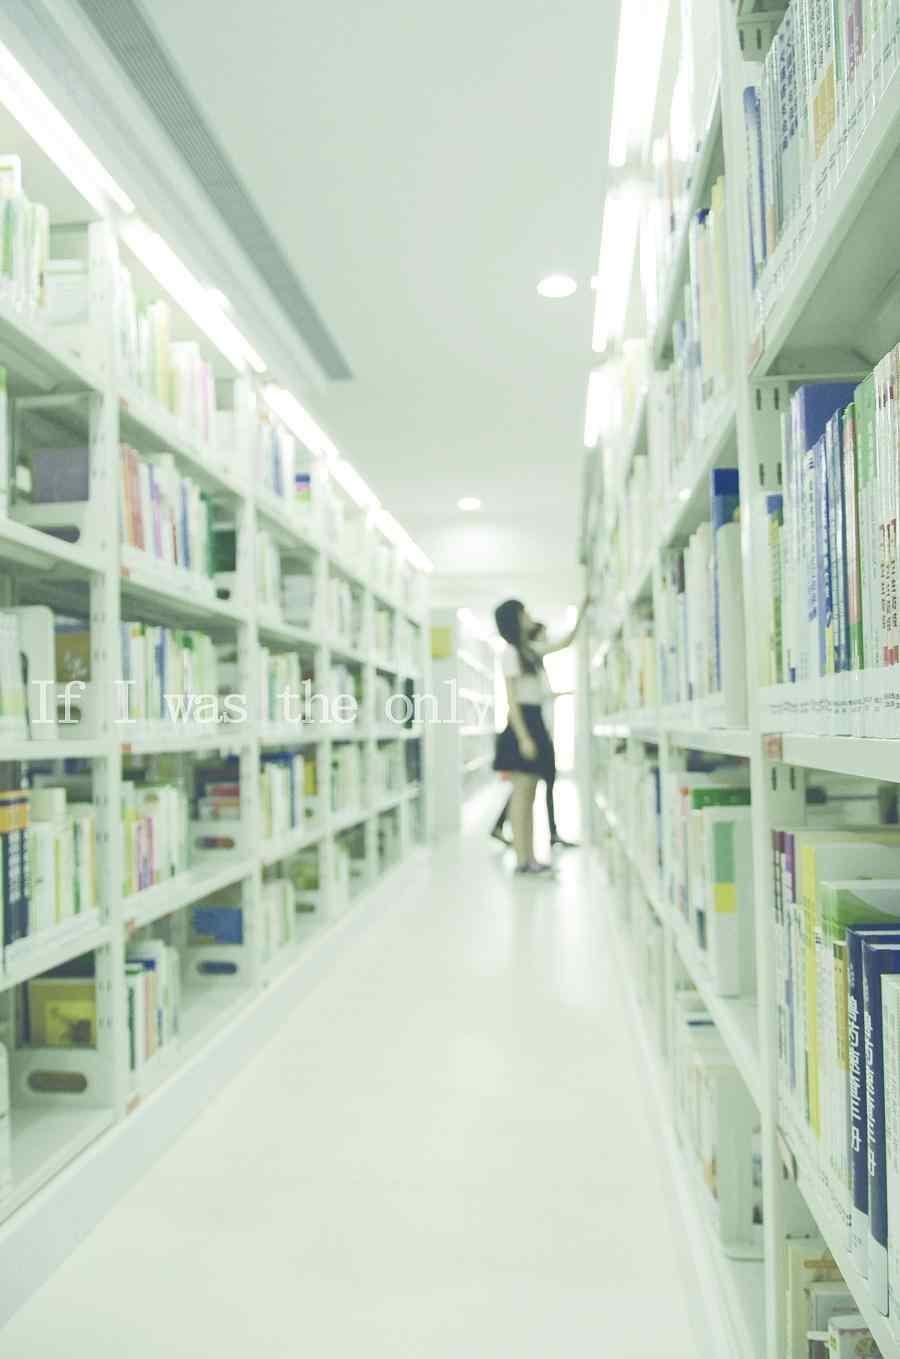 美女图书馆唯美朦胧写真手机壁纸